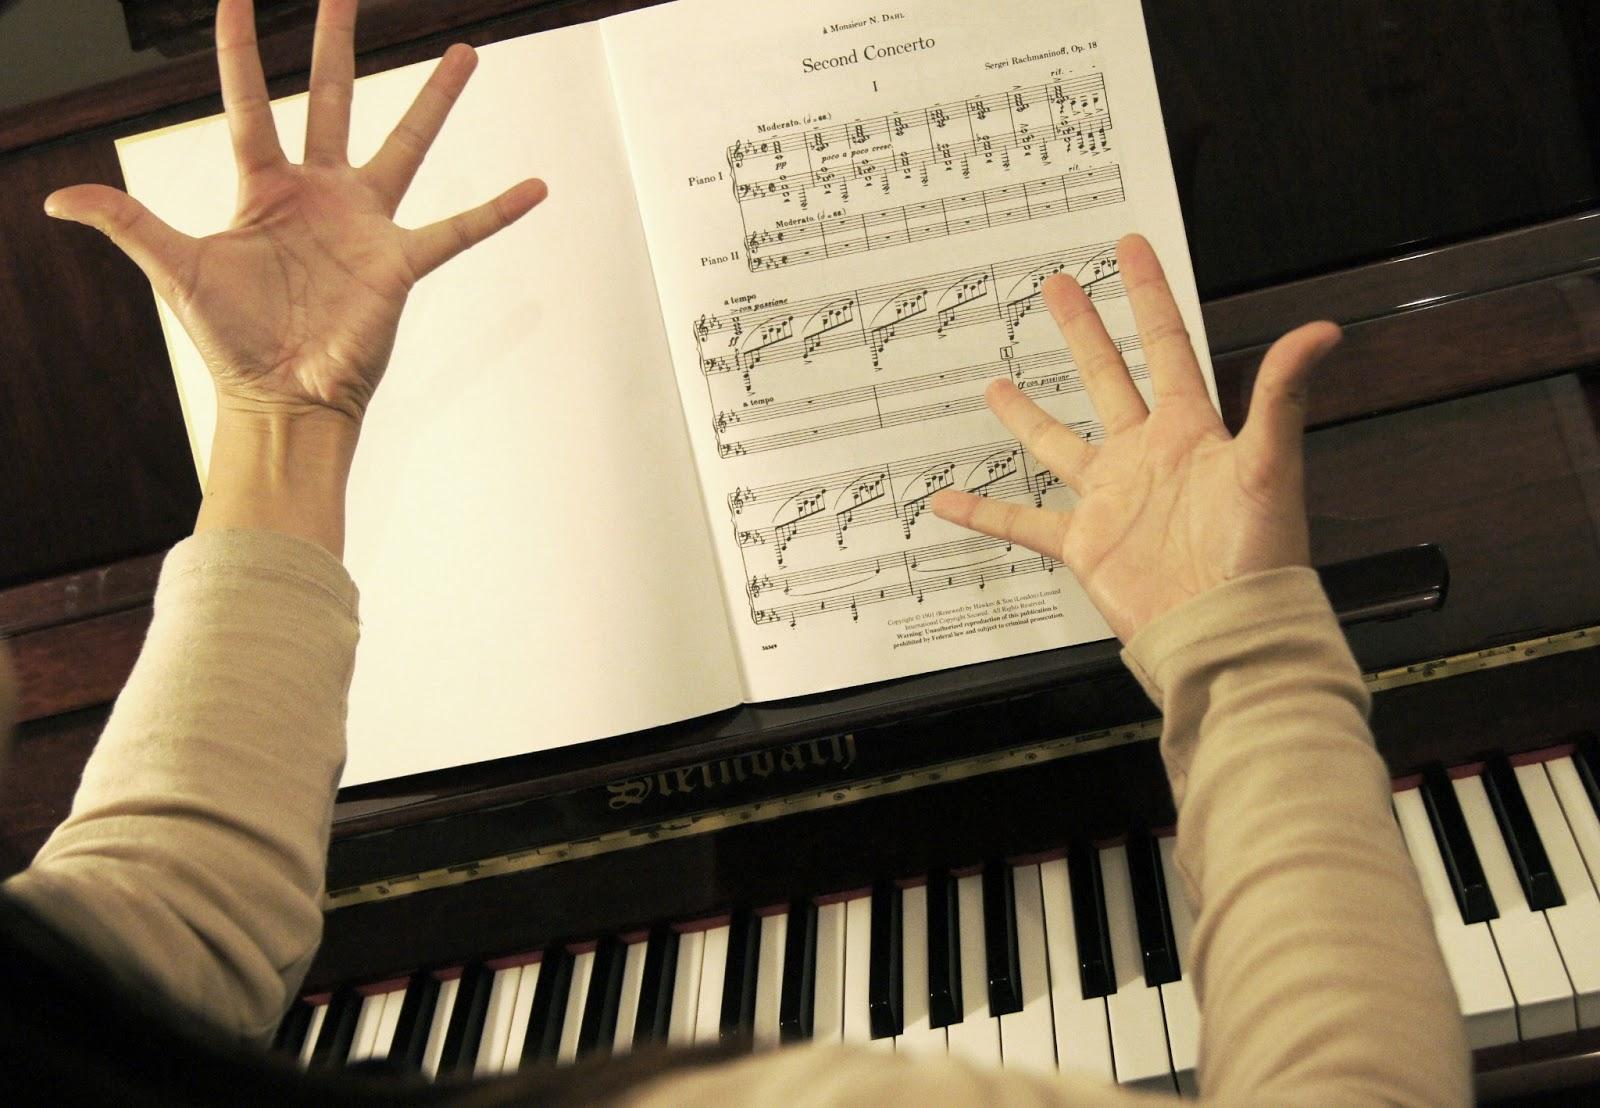 piano concerto no 2, sergei rachmaninoff, elegie,